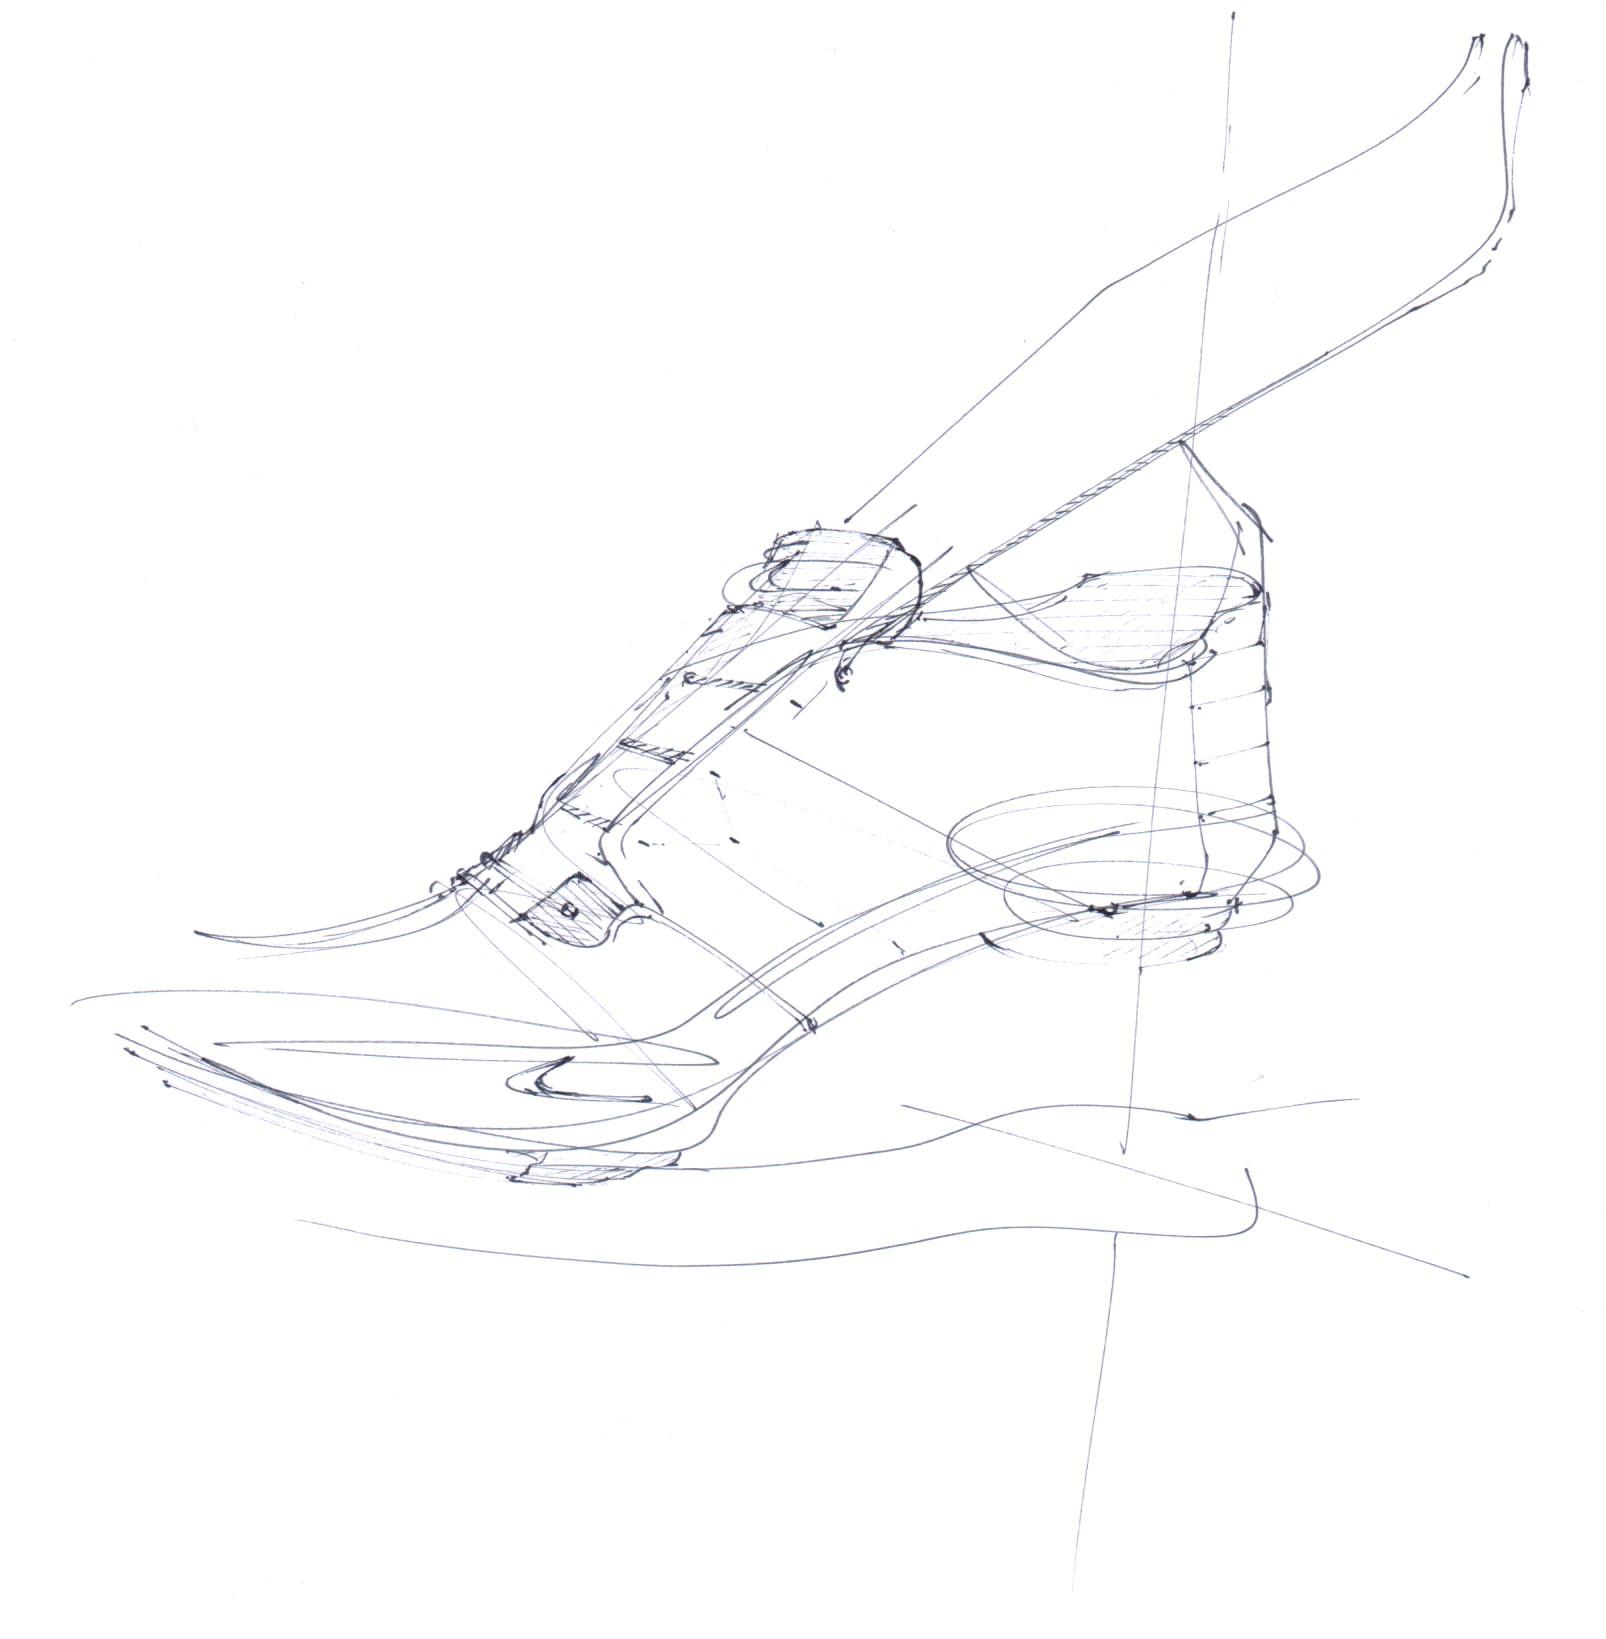 Nike training sneakers - quick sketching - Chung Chou-Tac - 2014